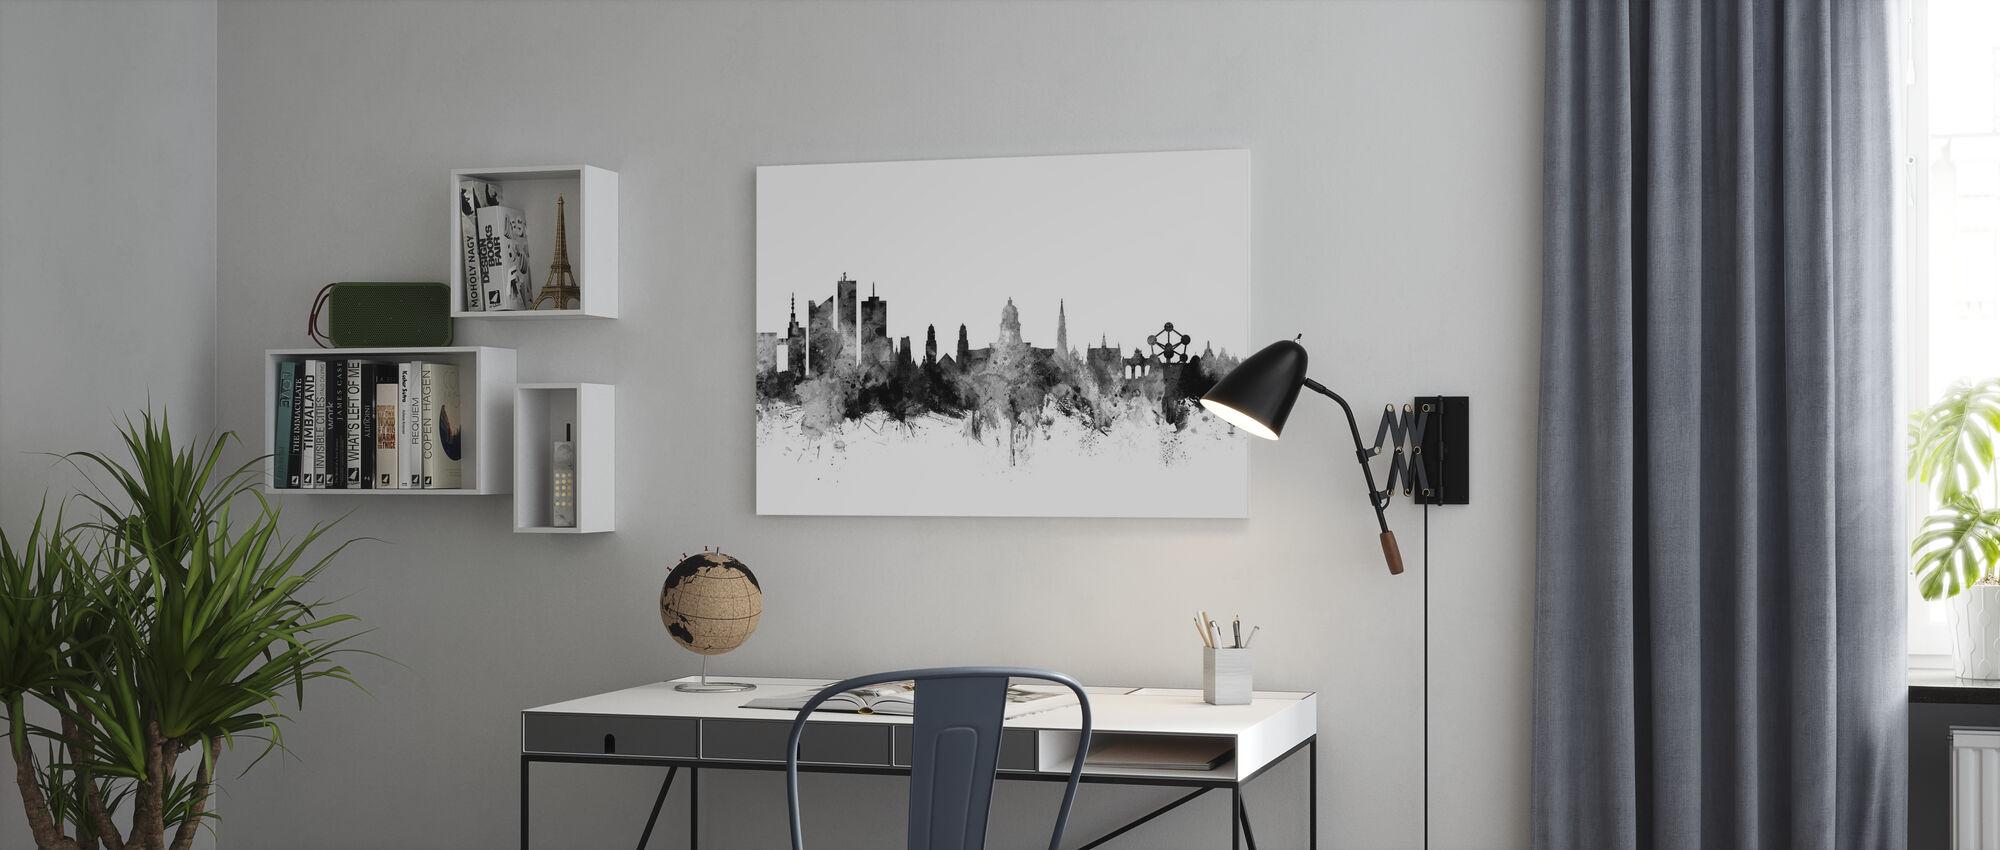 Bruxelles Skyline Sort - Billede på lærred - Kontor